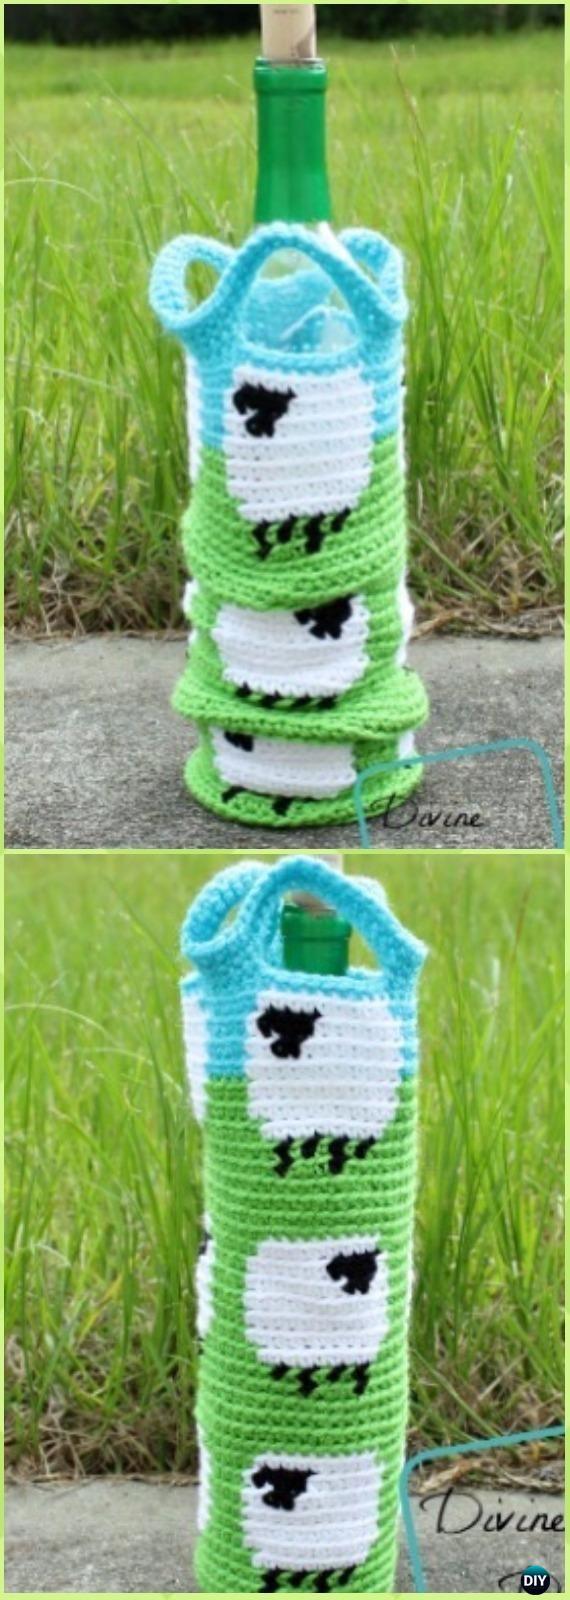 Crochet Shelia Sheep Bottle Cozy Free Pattern - Crochet Wine Bottle Cozy Bag & Sack Free Patterns